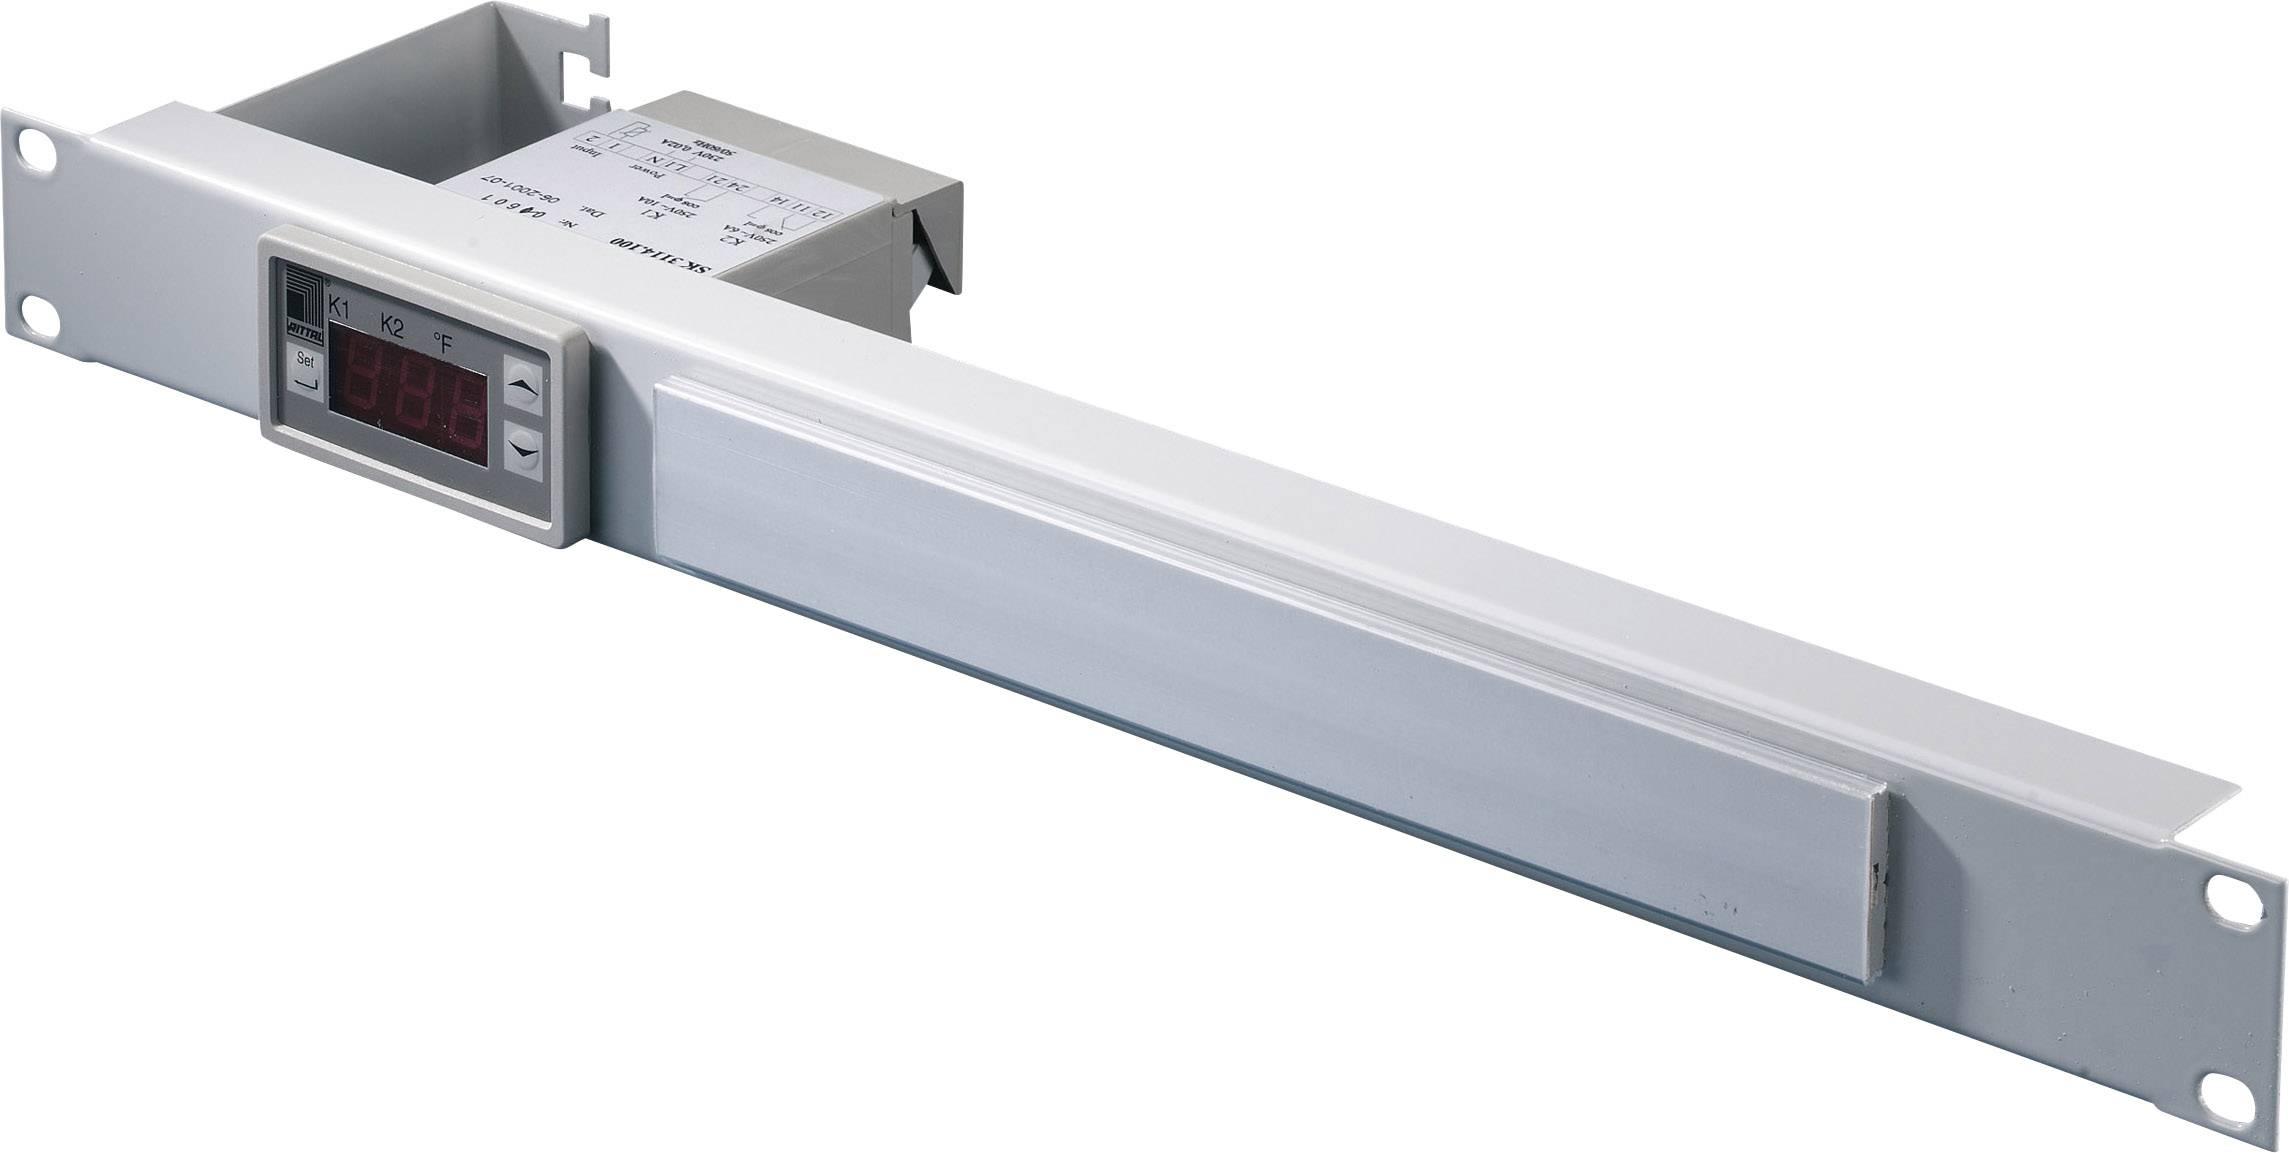 """Skříň síťové rozvodny - regulátor teploty Rittal 7109035, velikost racku (HE) 1 U, 19"""""""